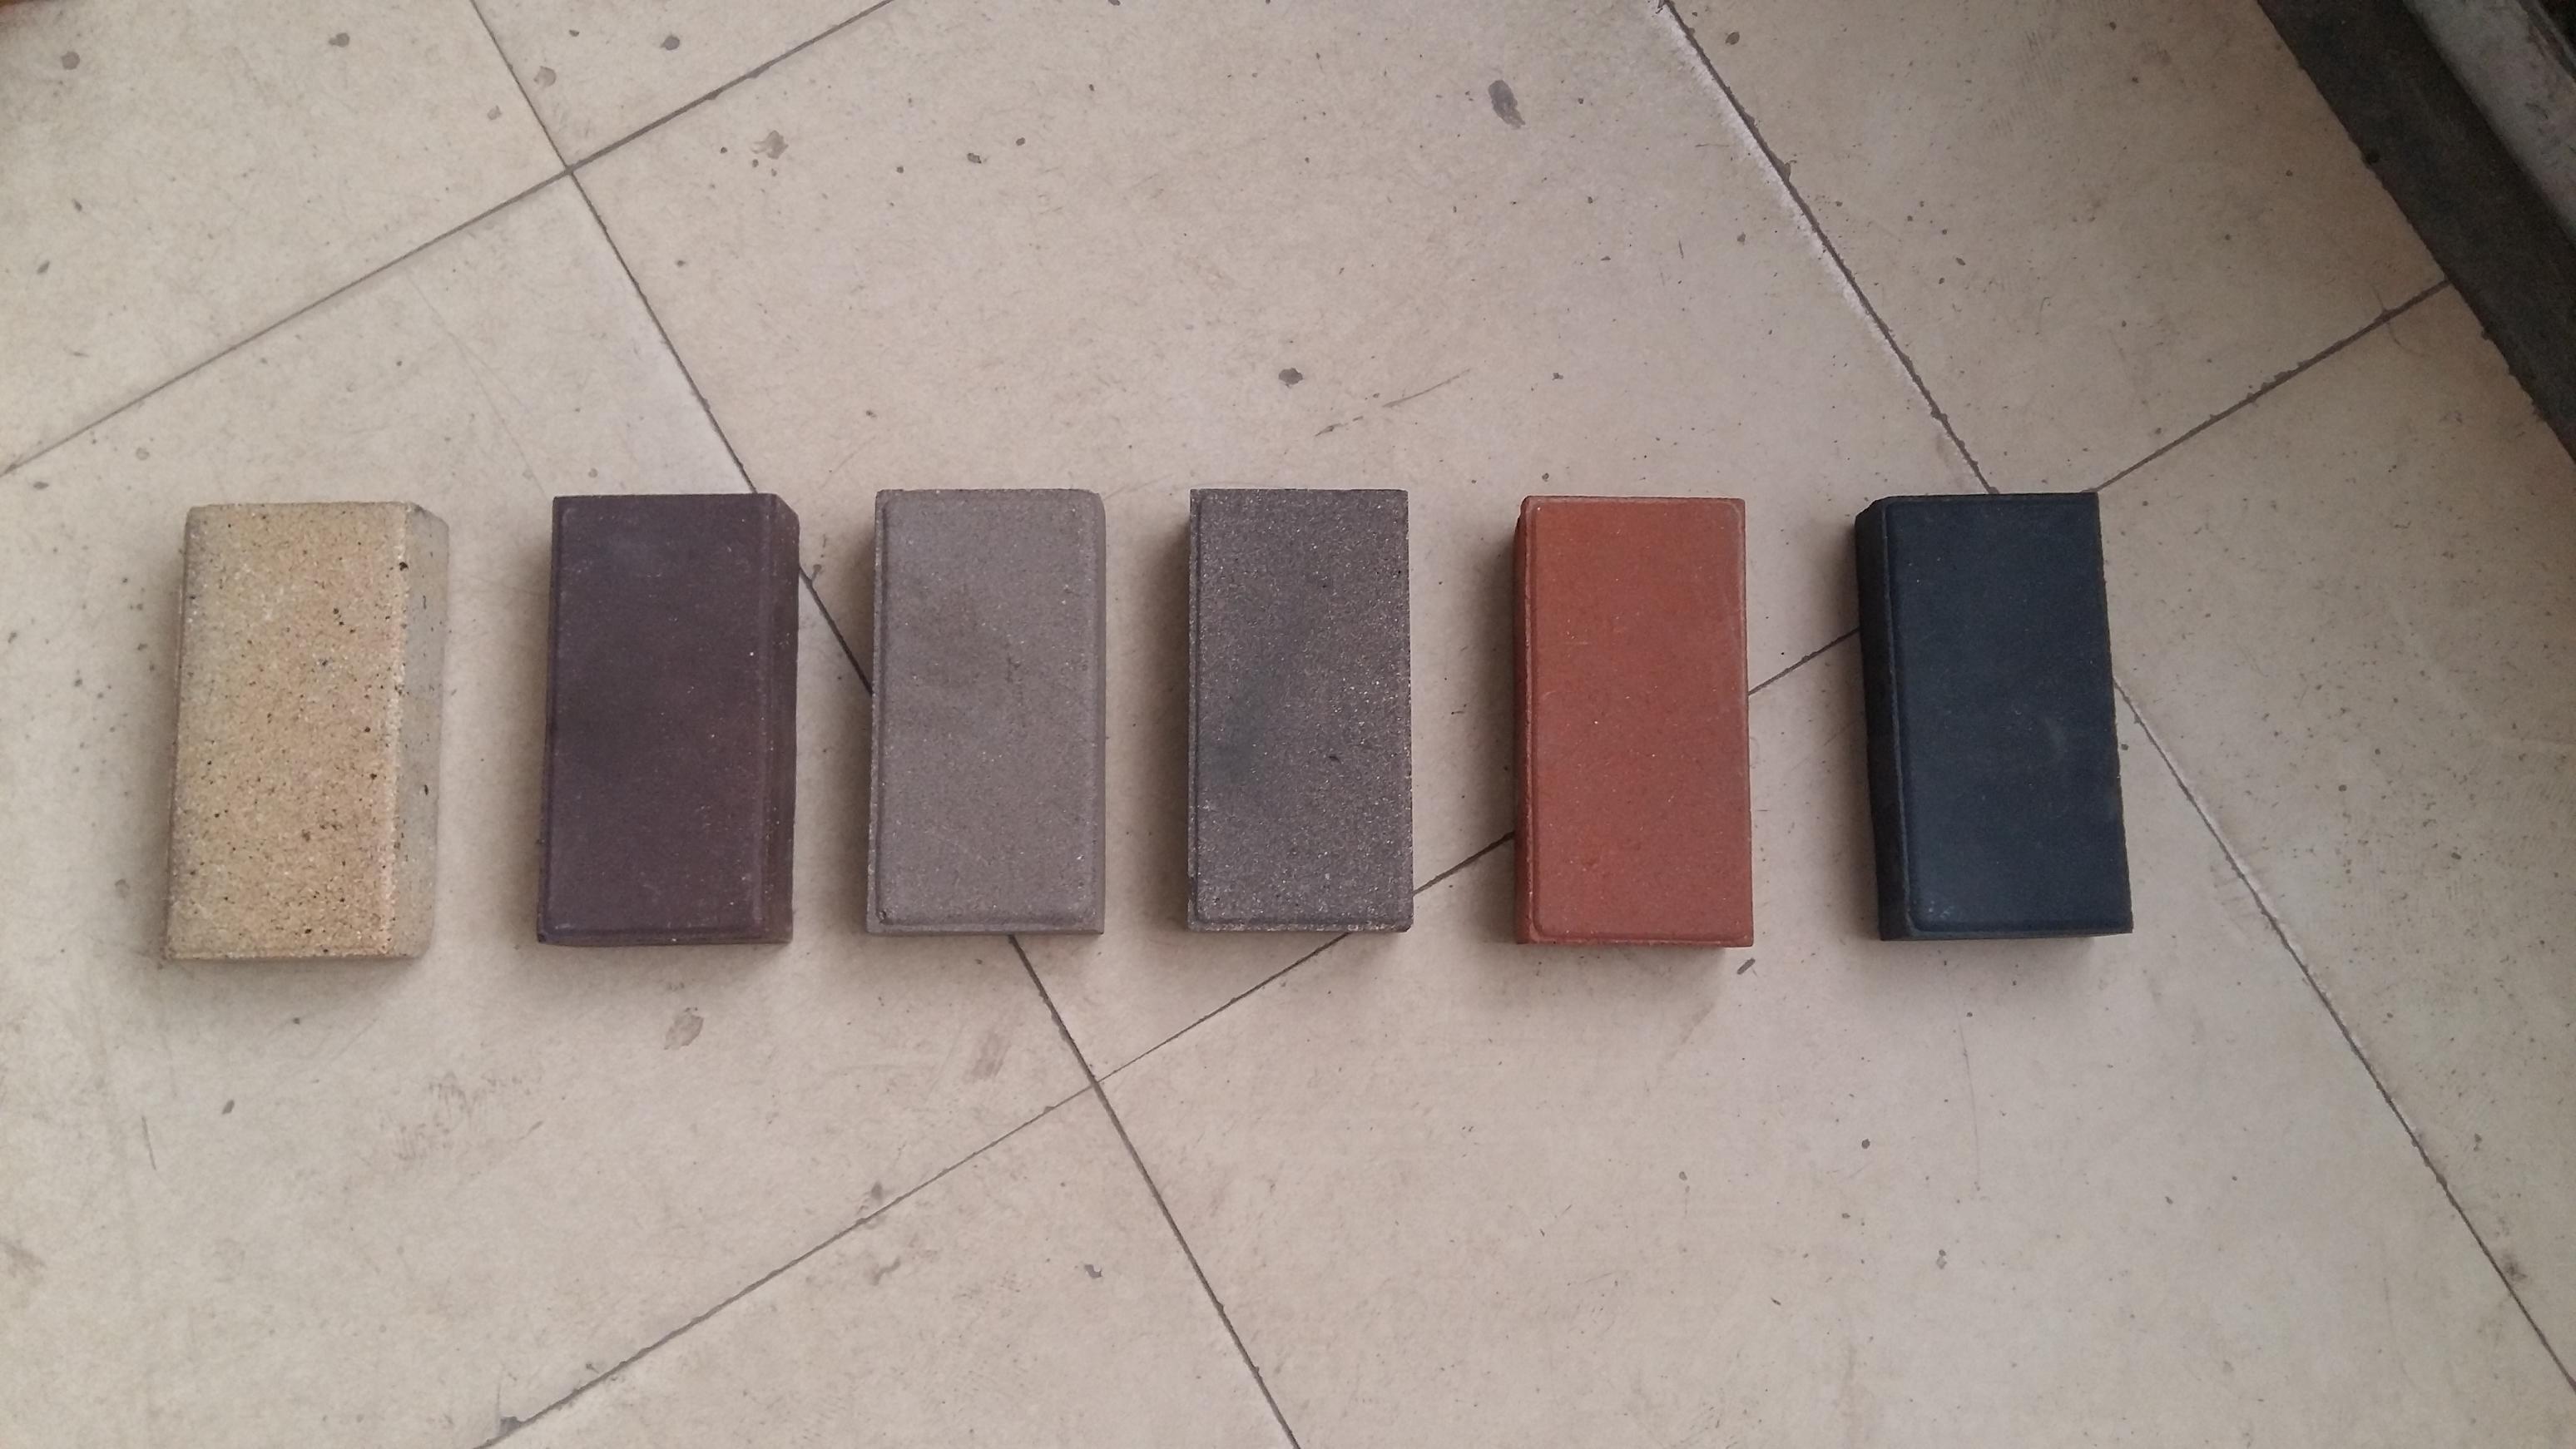 上海厂家直销陶瓷透水砖规格颜色 上海厂家直销陶瓷透水砖 规格颜色价格